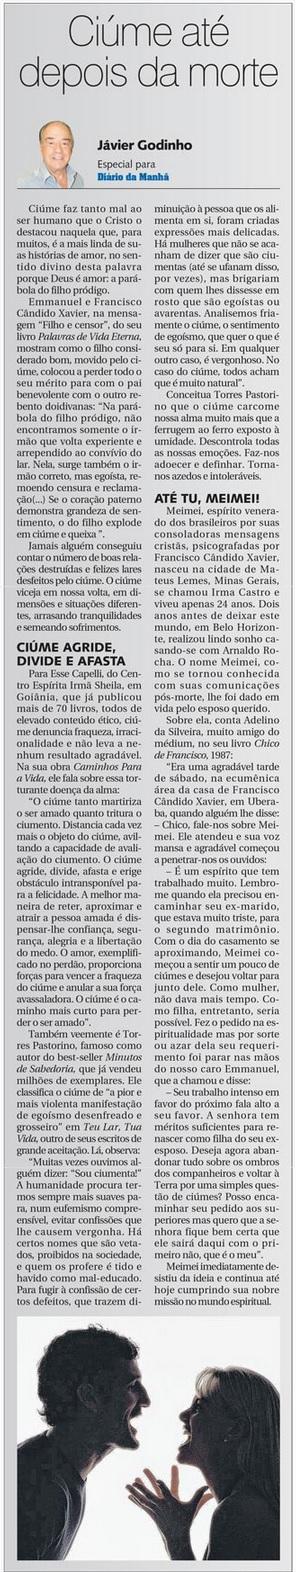 DM 06-05-2015 - Ciúme até depois da morte - Jávier Godinho